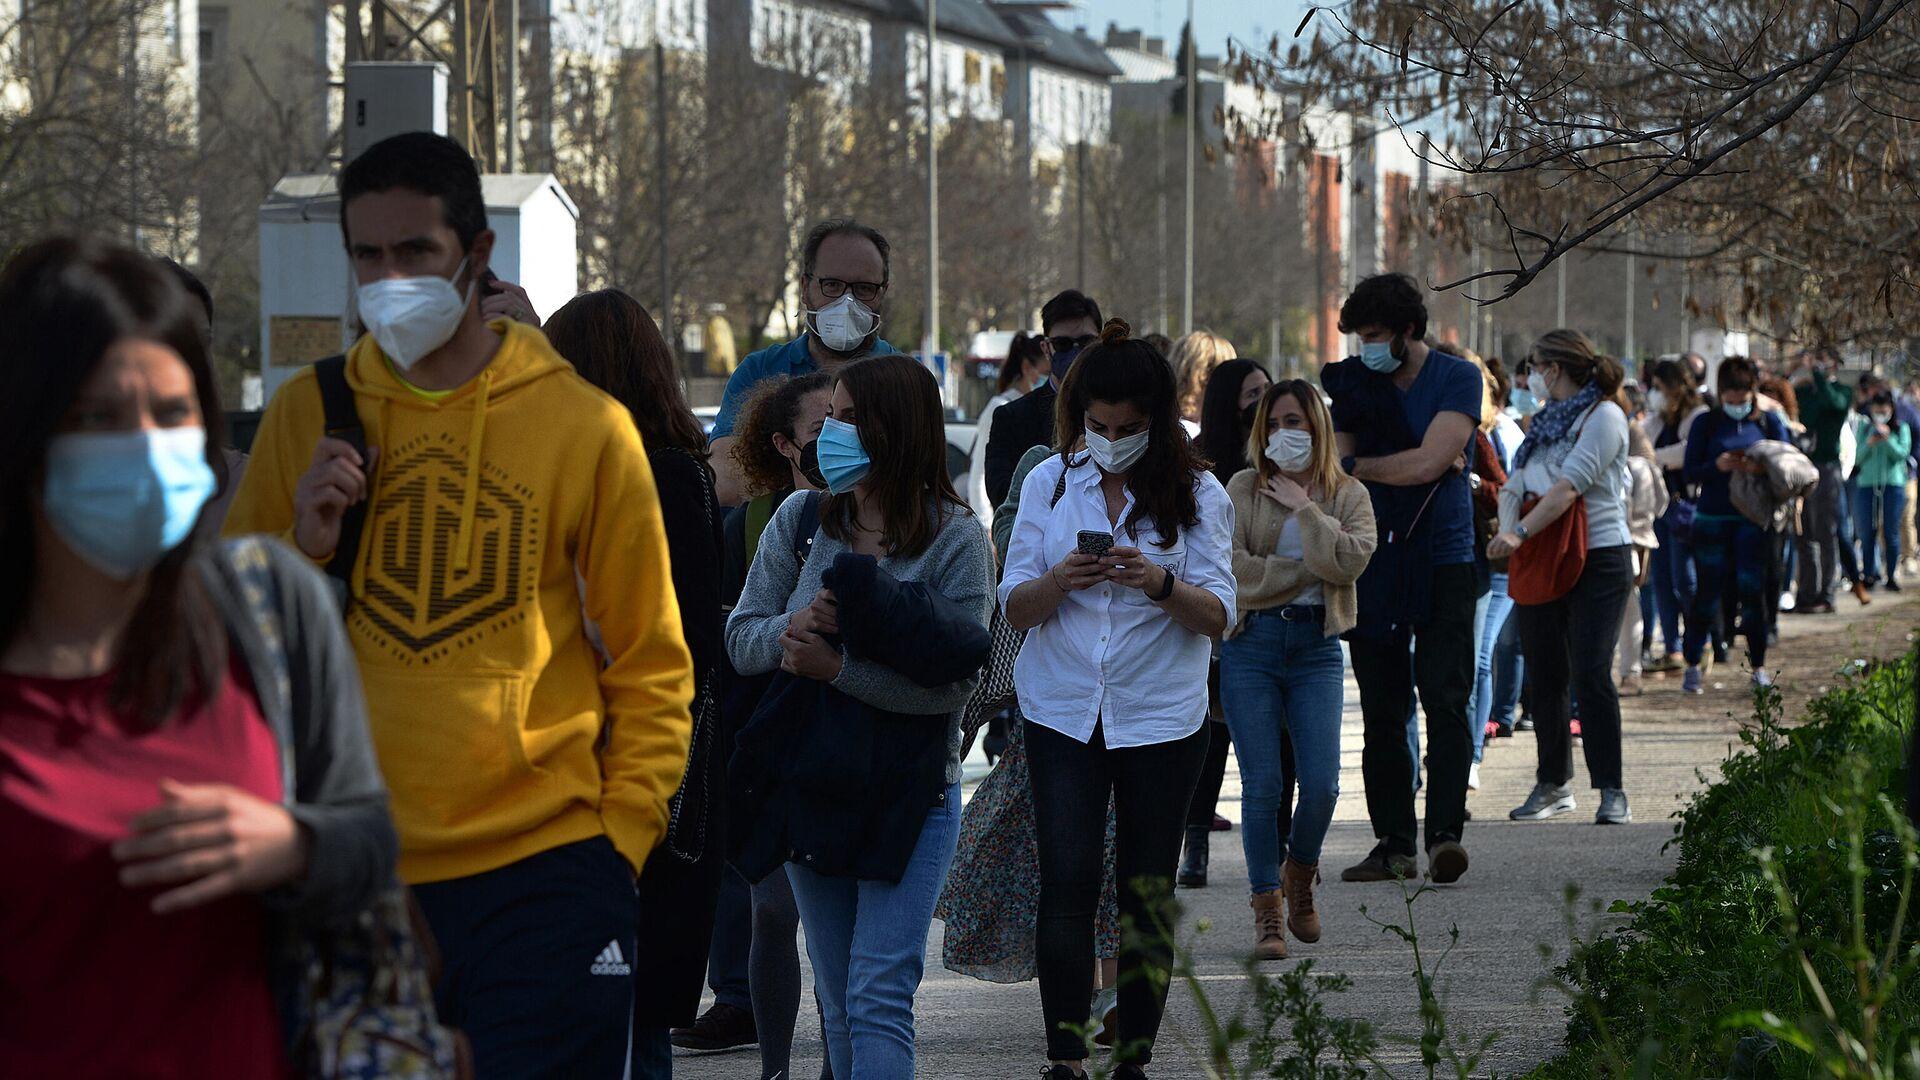 Docentes universitarios hacen cola para vacunarse en Sevilla - Sputnik Mundo, 1920, 08.04.2021